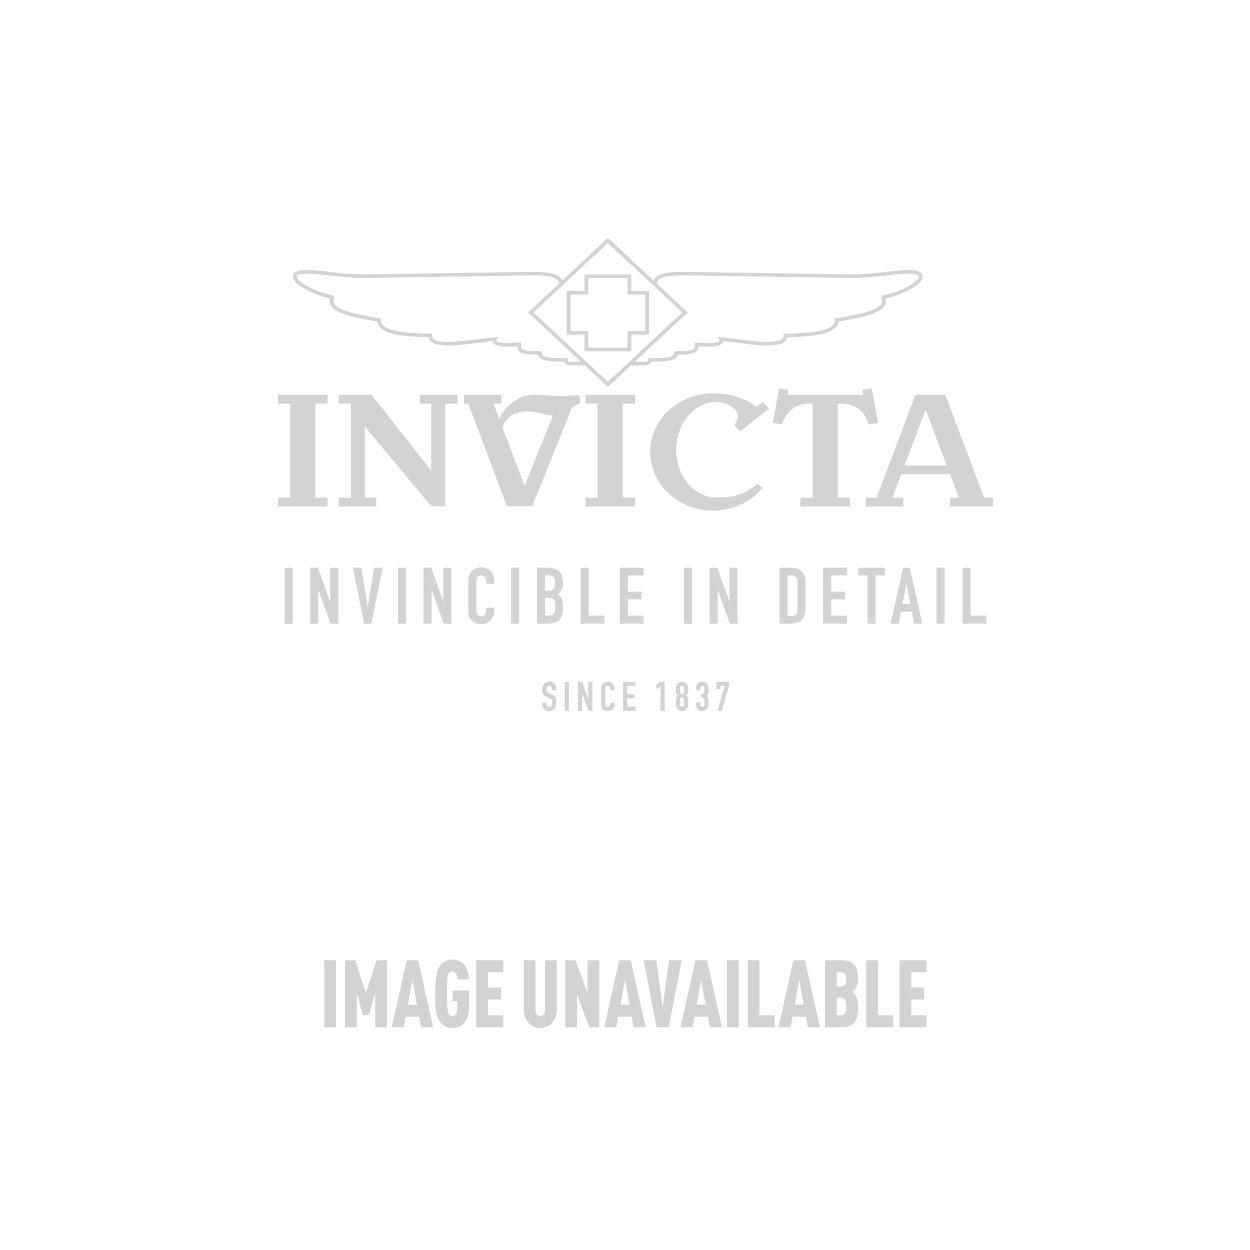 Invicta Model 27248